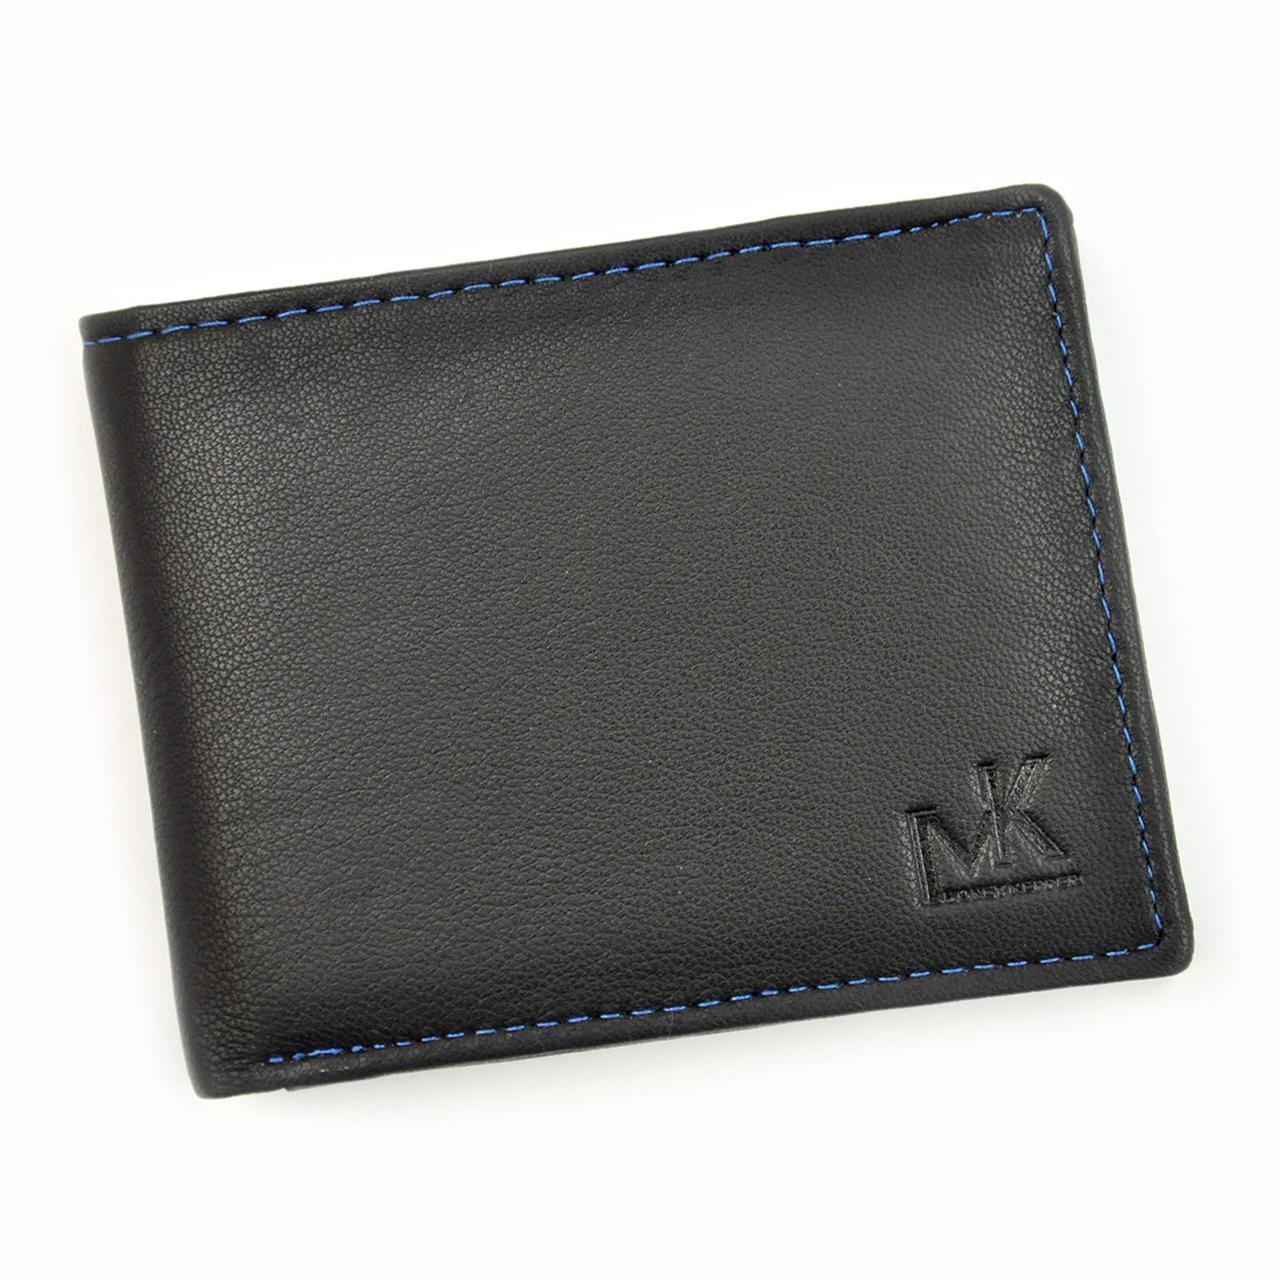 Мужской кожаный кошелек Money Kepper CC 5130 Черный